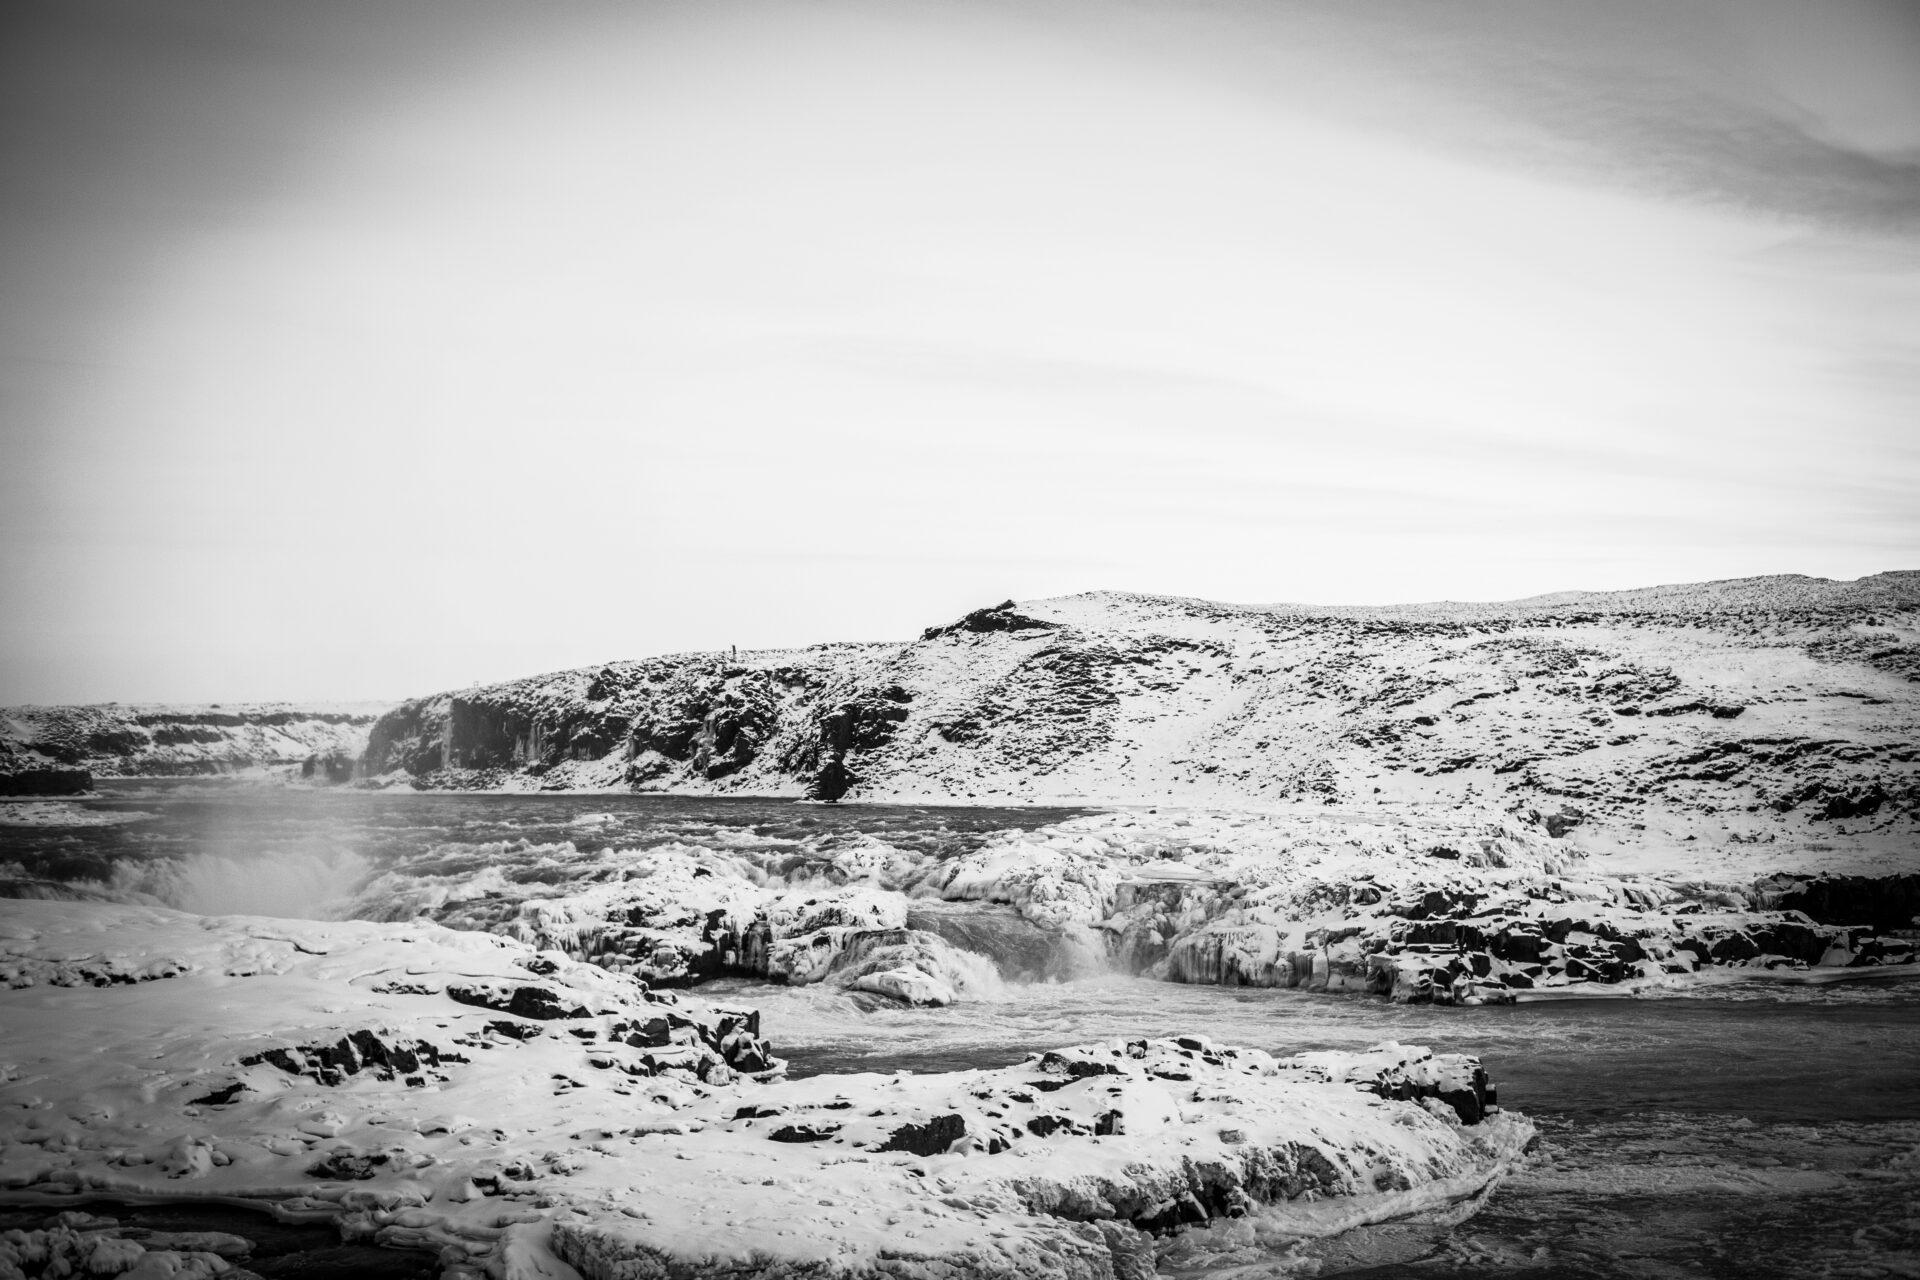 Zuid-IJsland in de winter